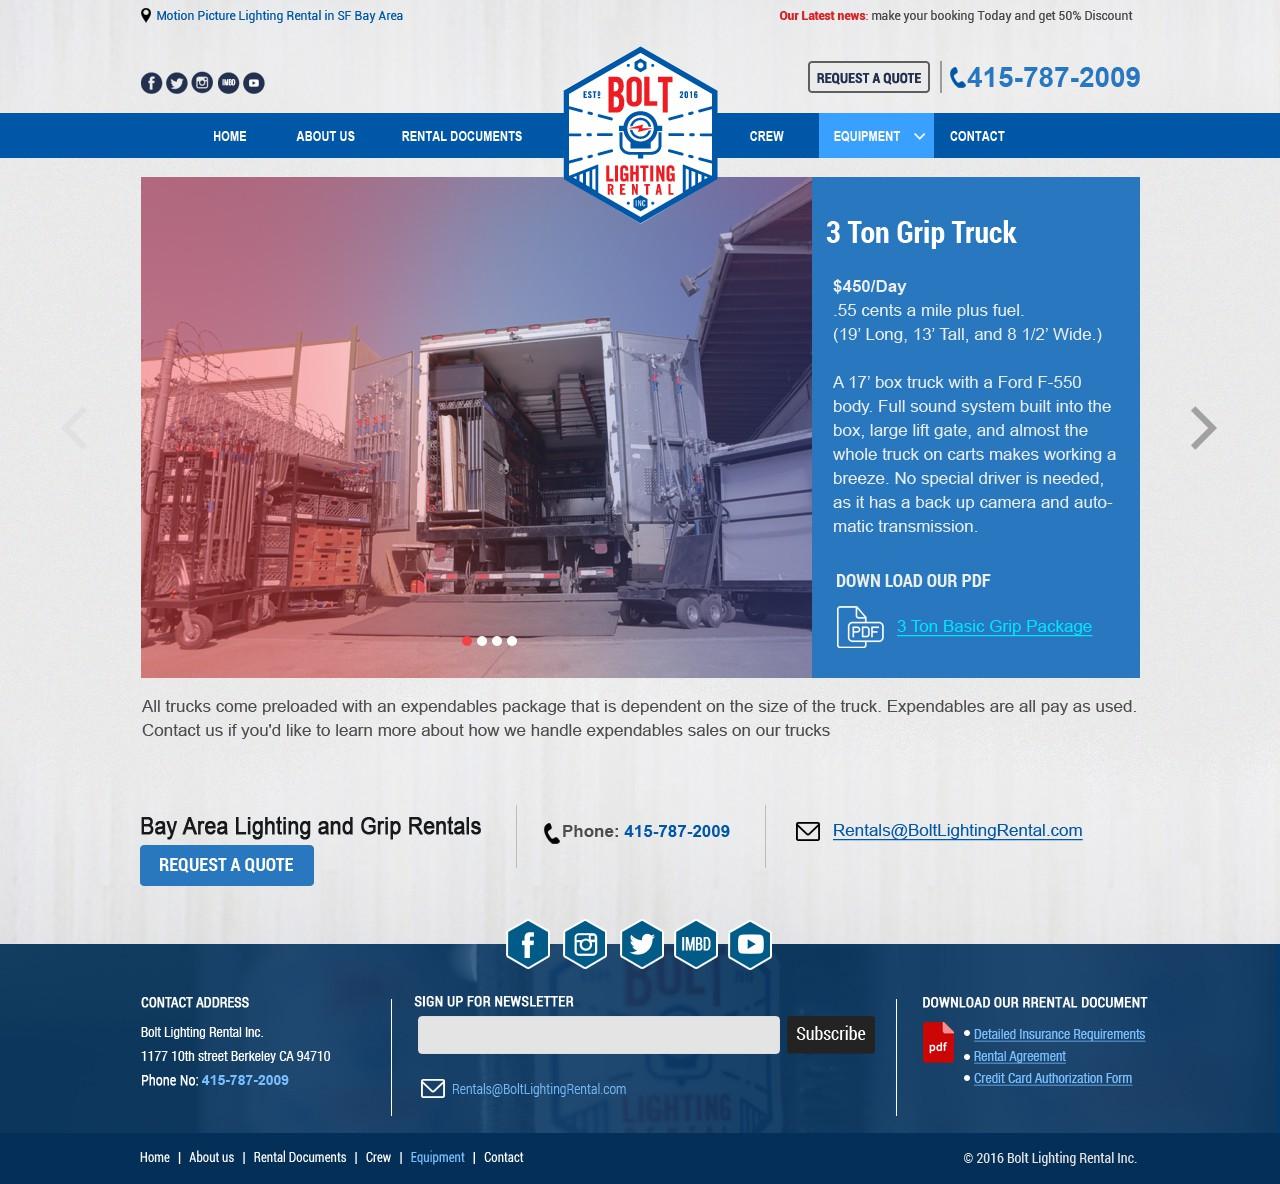 Retro themed Website Needed for Bolt Lighting Rental